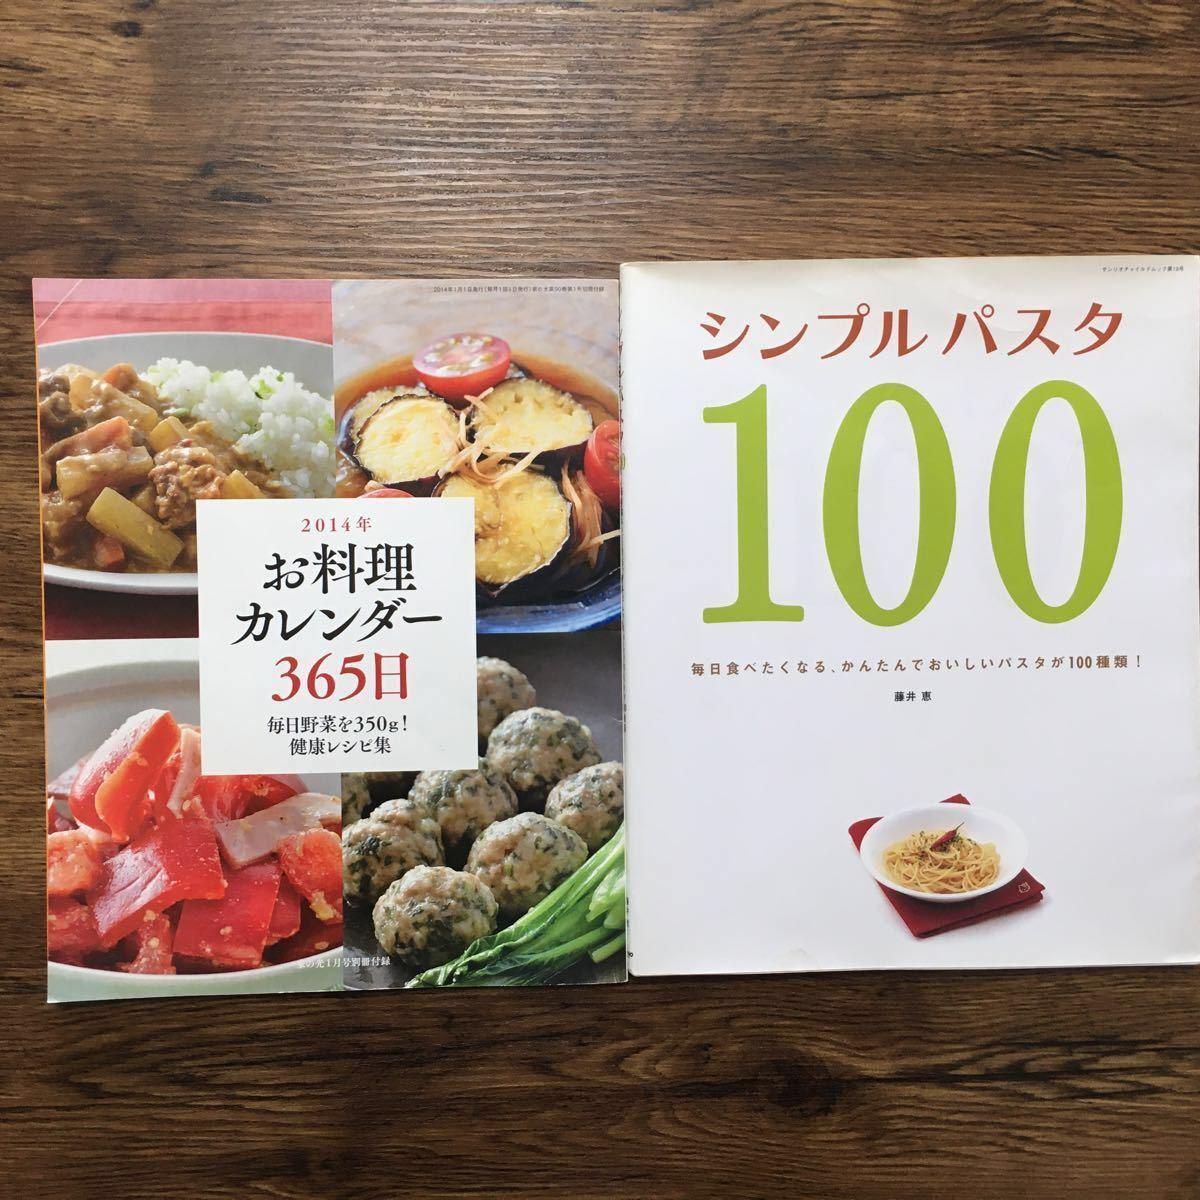 レシピ本3冊※シンプルパスタ100※お料理カレンダー365日※ABCクッキング